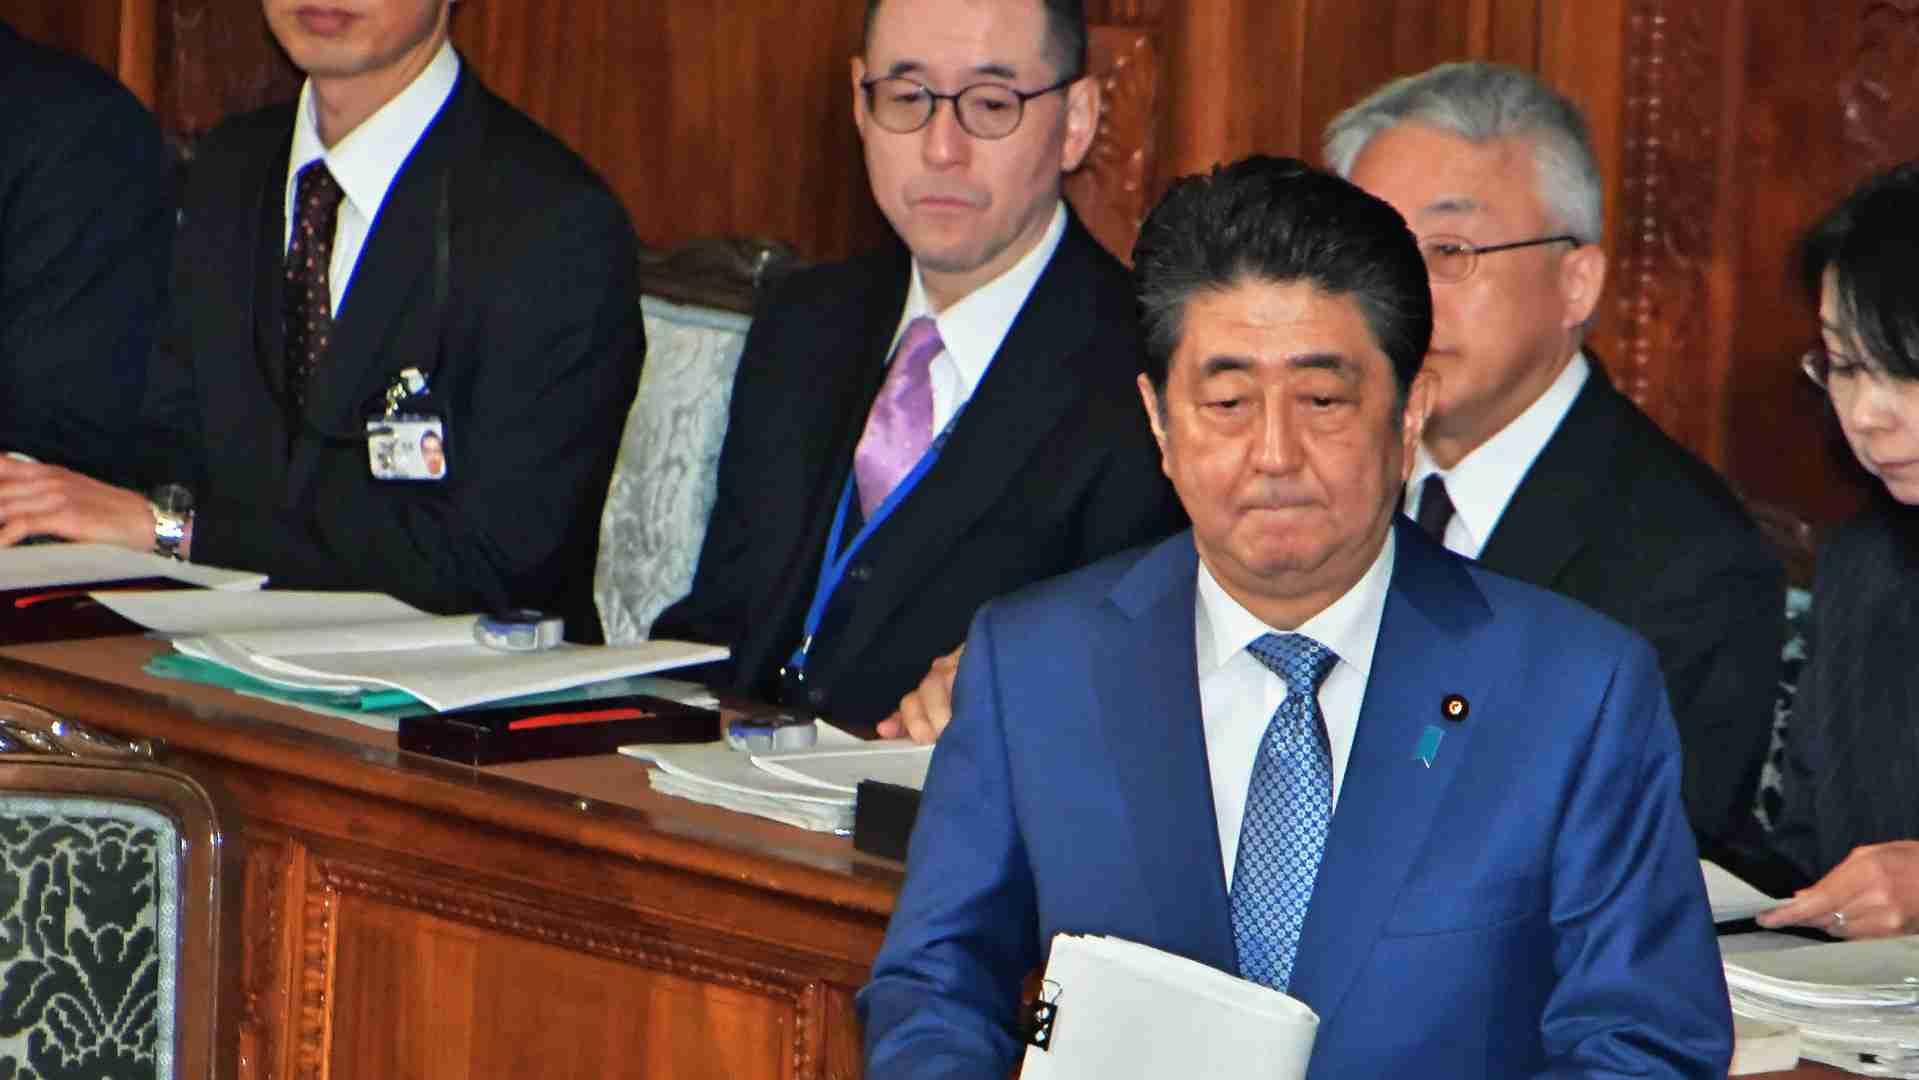 安倍内閣は森友決裁文書を即刻国会に提出すべきである(渡辺輝人) - 個人 - Yahoo!ニュース